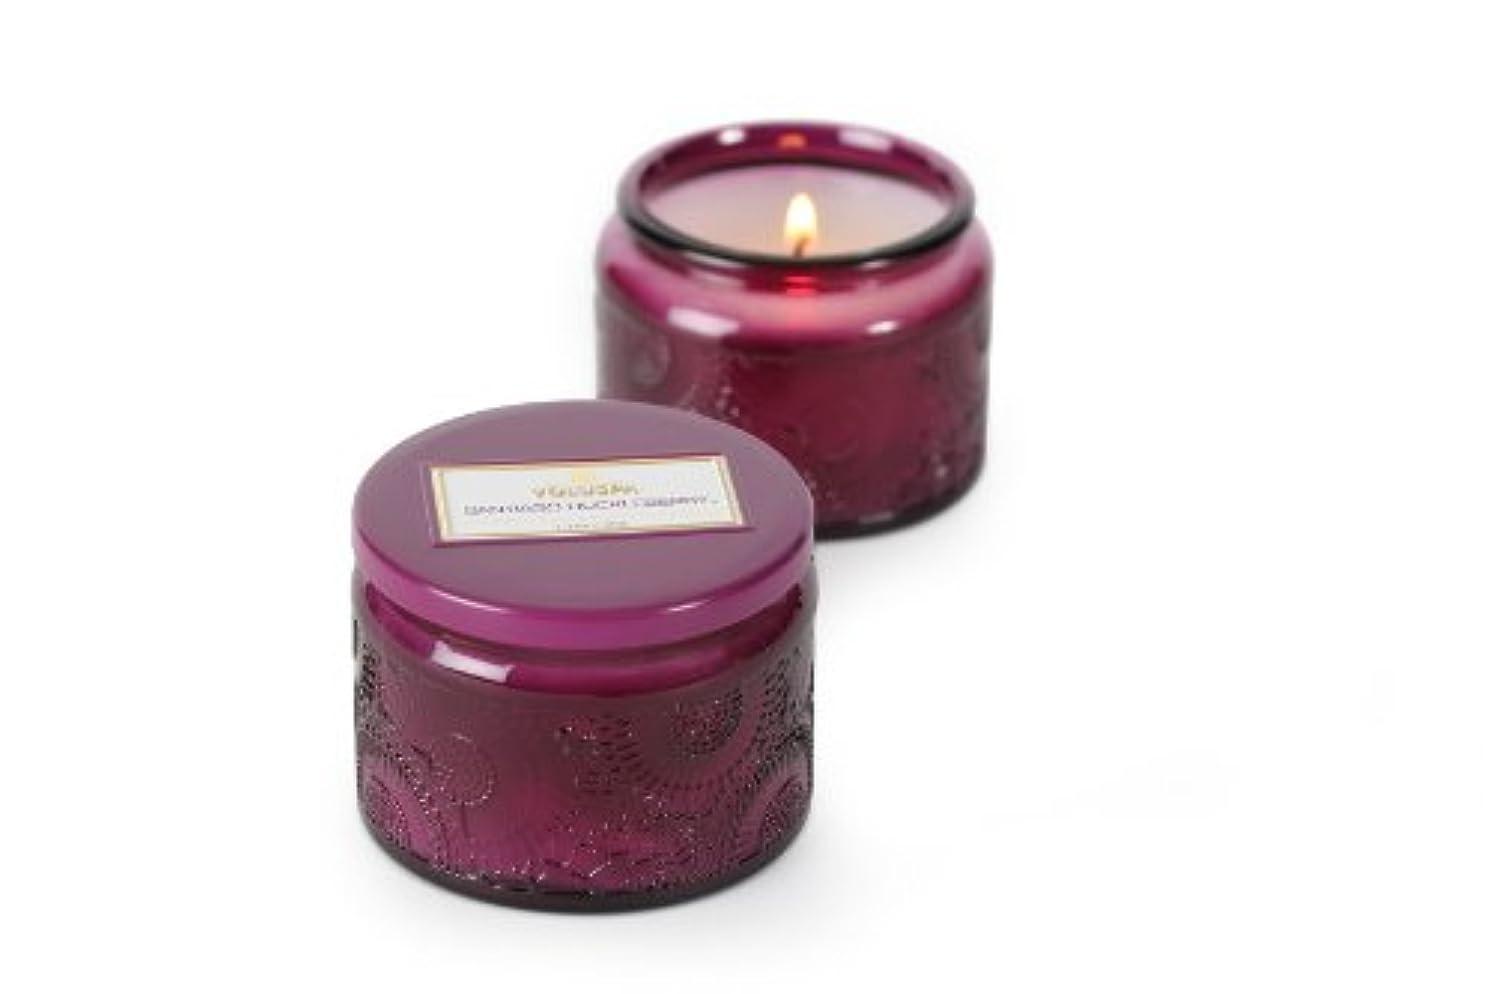 Voluspa ボルスパ ジャポニカ グラスジャーキャンドル S サンティアゴハックルベリー JAPONICA Glass jar candle SANTIAGO HUCKLEBERRY